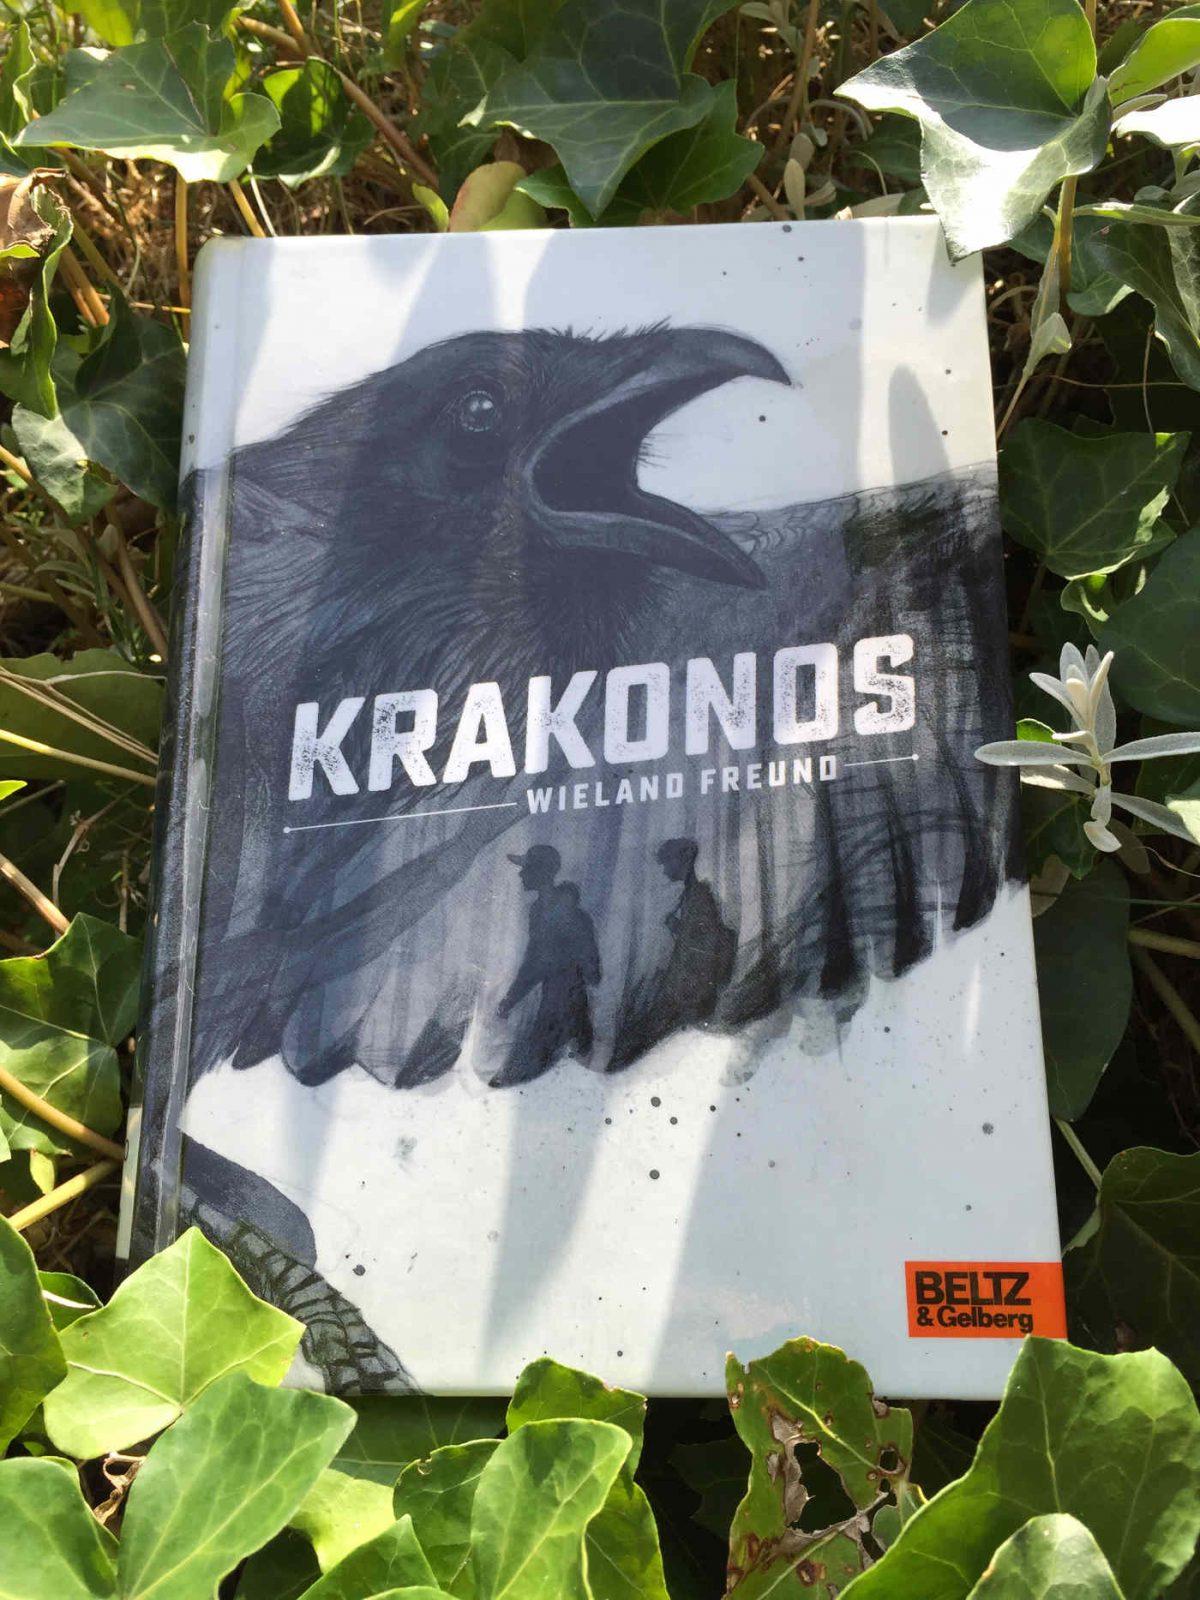 Wieland Freund Krakonos Jugendbuch Kinderbuch Buchtipp Kinderbuchblog Brigitte Wallinger Buchempfehlung